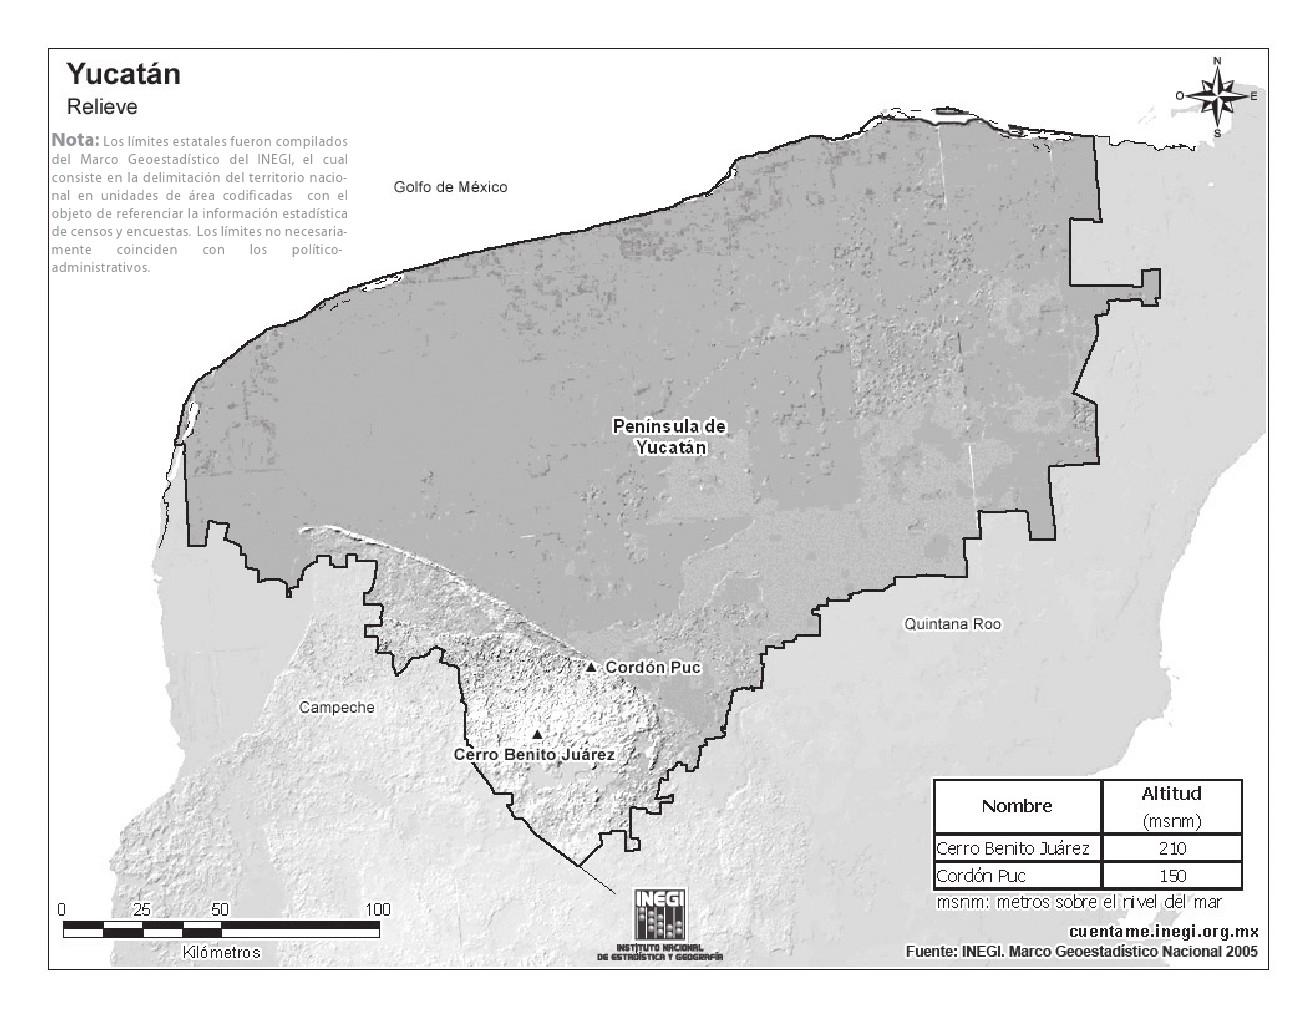 Mapa de montañas de Yucatán. INEGI de México